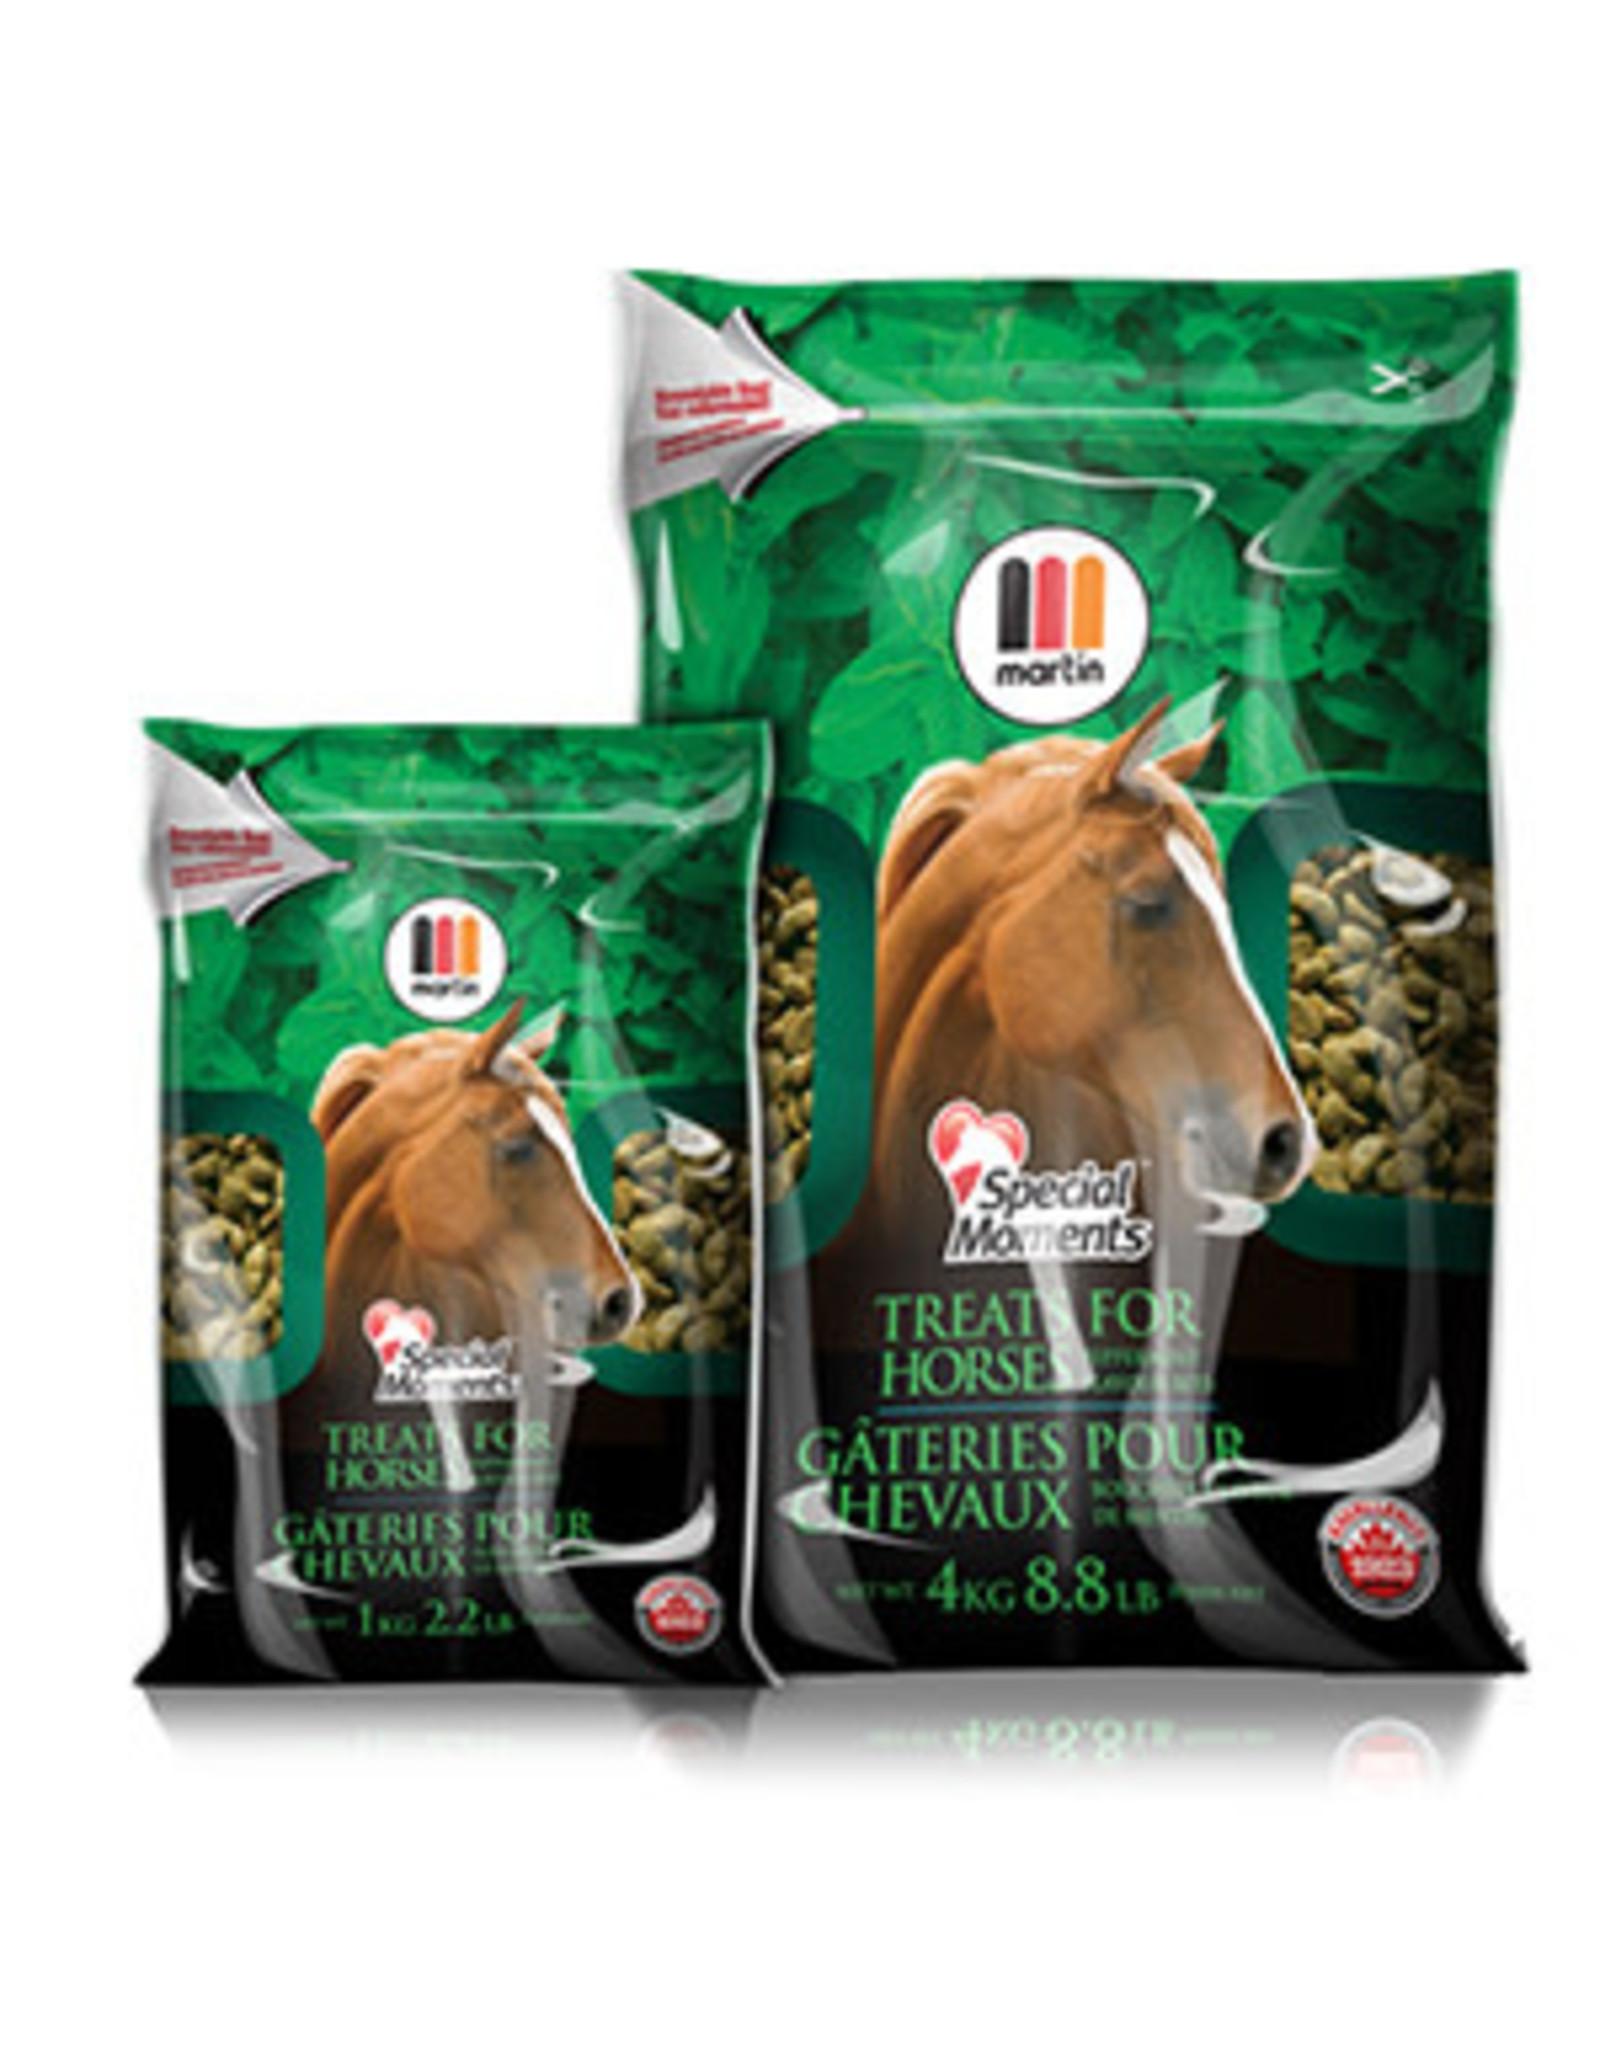 Martin Special Moments Horse Treats 1KG